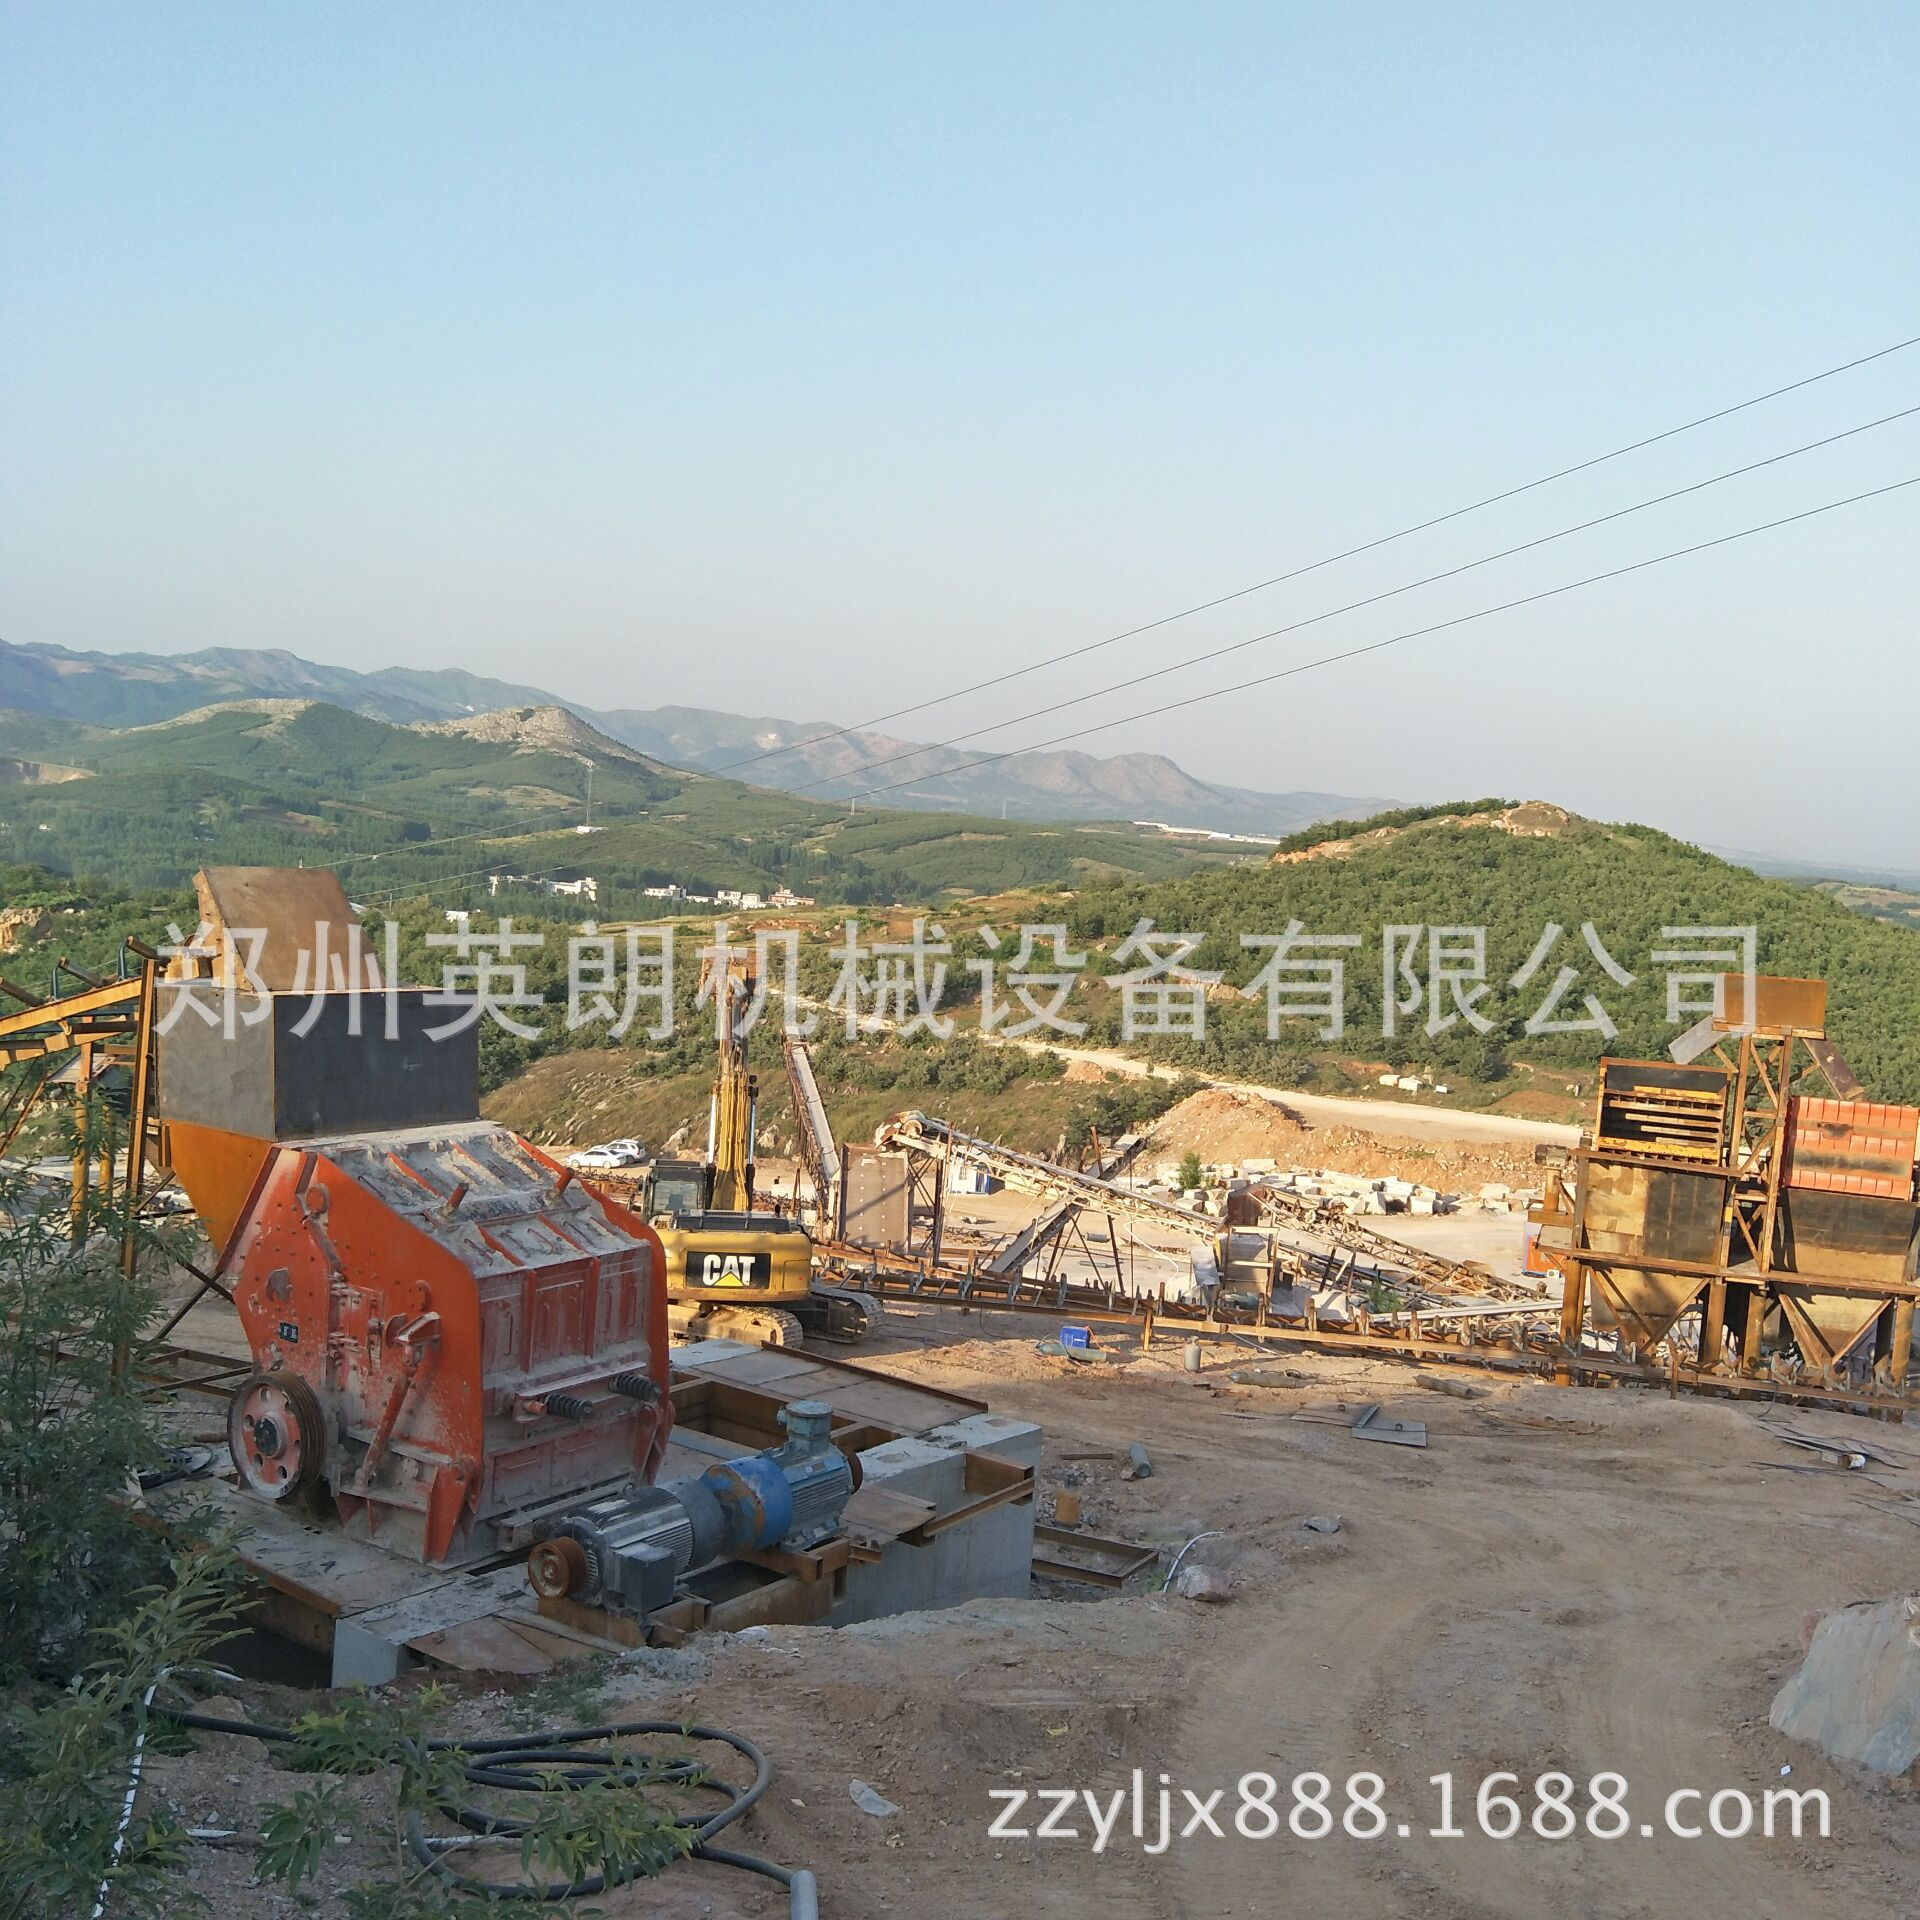 石料生产线全套设备配置 砂石石料生产线 大型石头破碎生产线示例图5